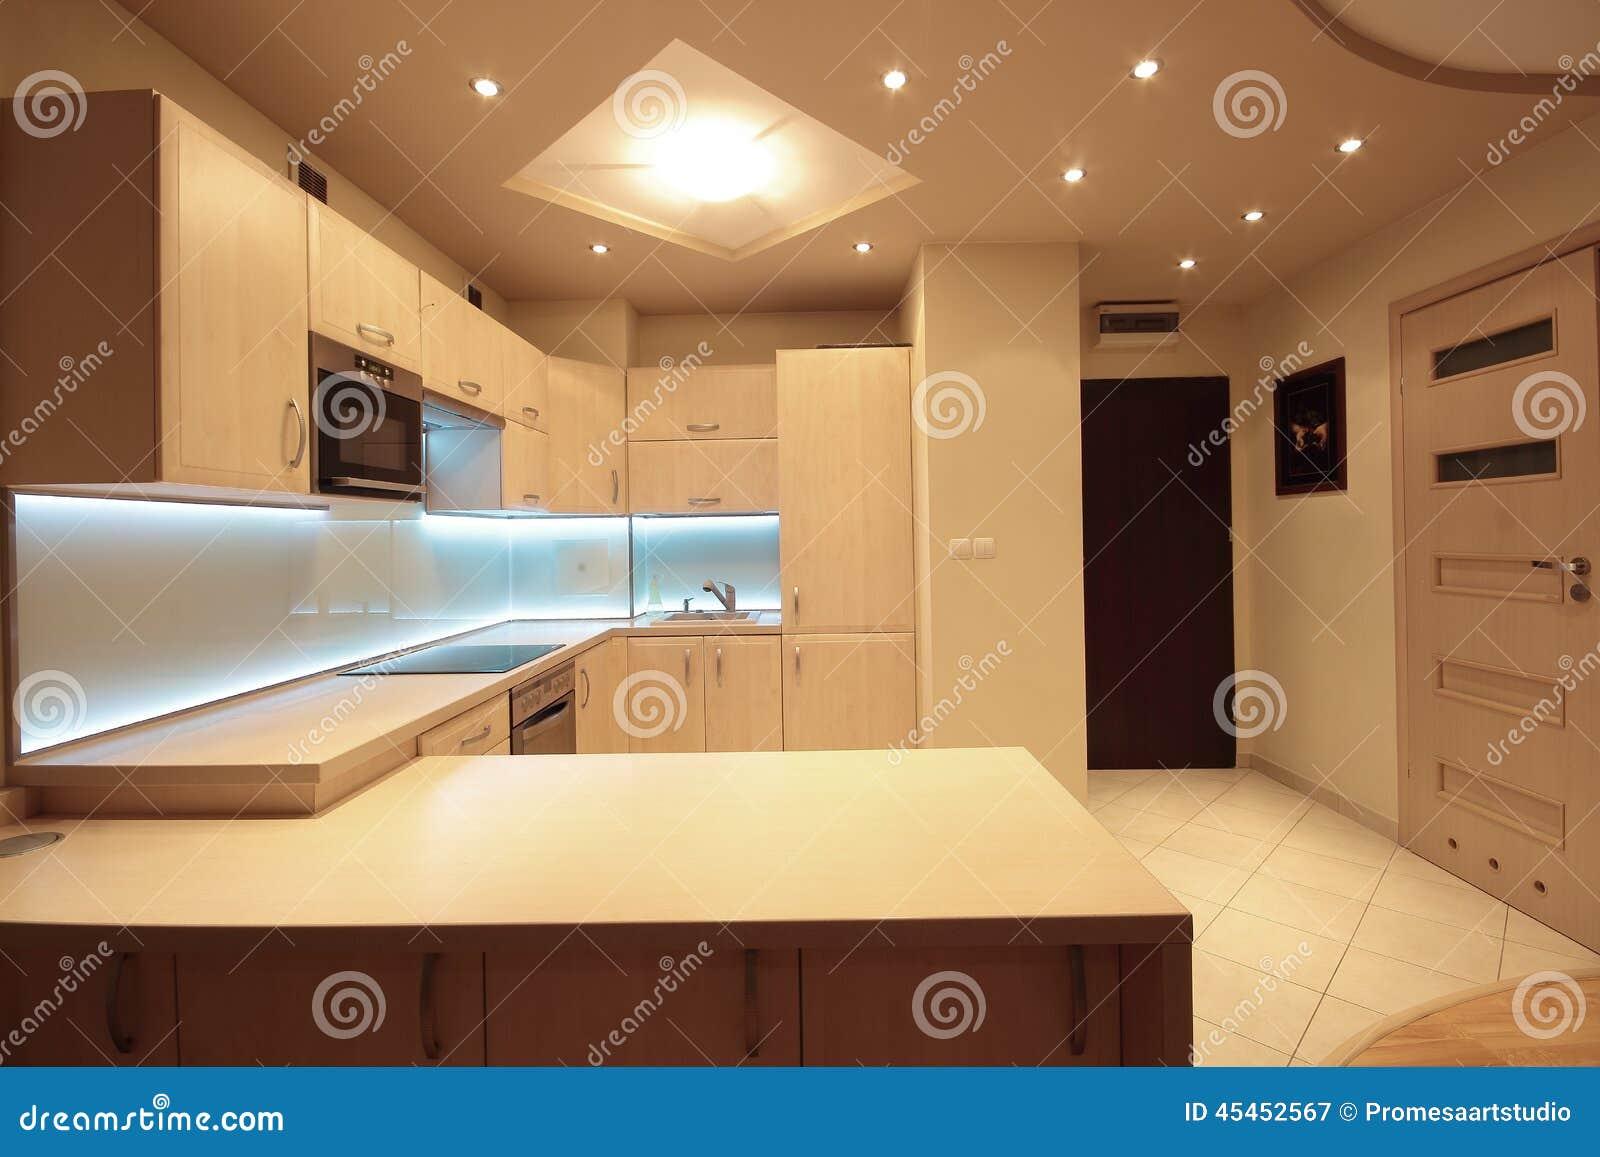 Cucina di lusso moderna con illuminazione bianca del led - Illuminazione cucina moderna ...